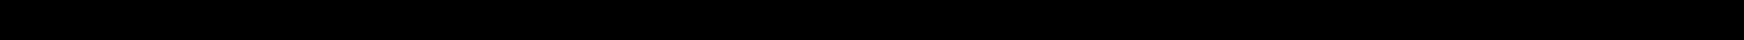 DINPro-Medium.otf